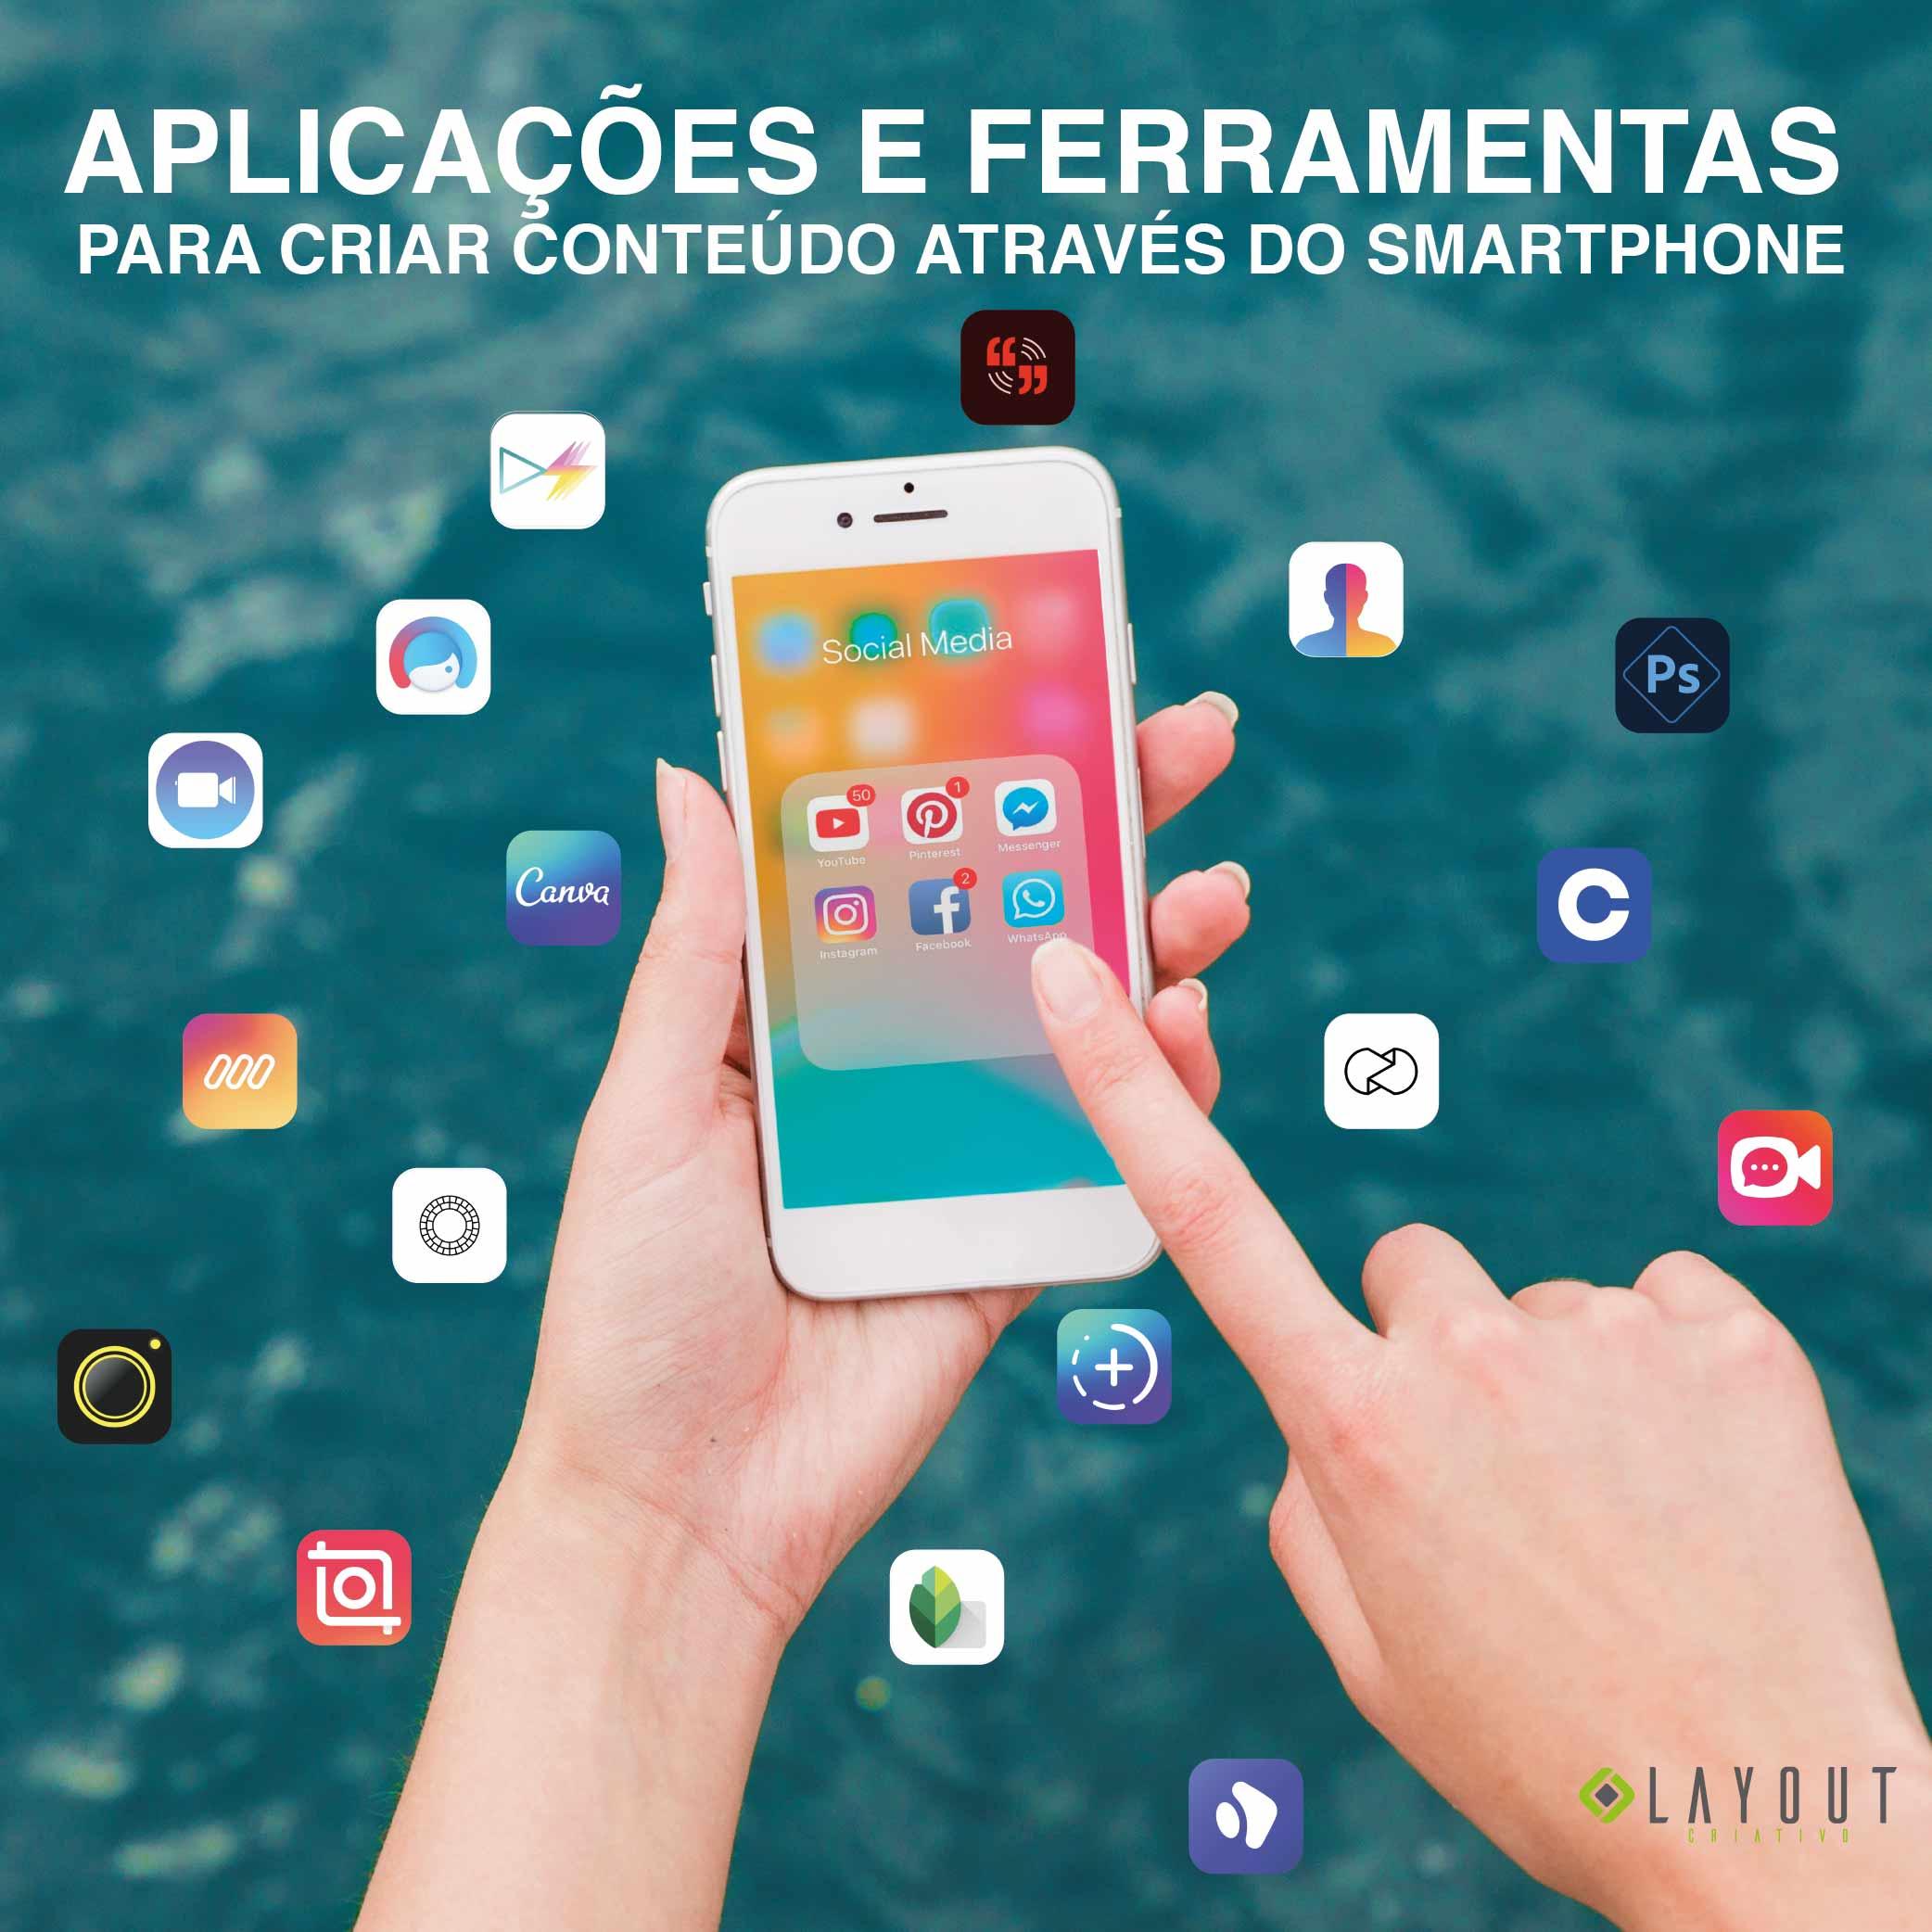 Aplicações e ferramentas para criar conteúdo através do smartphone